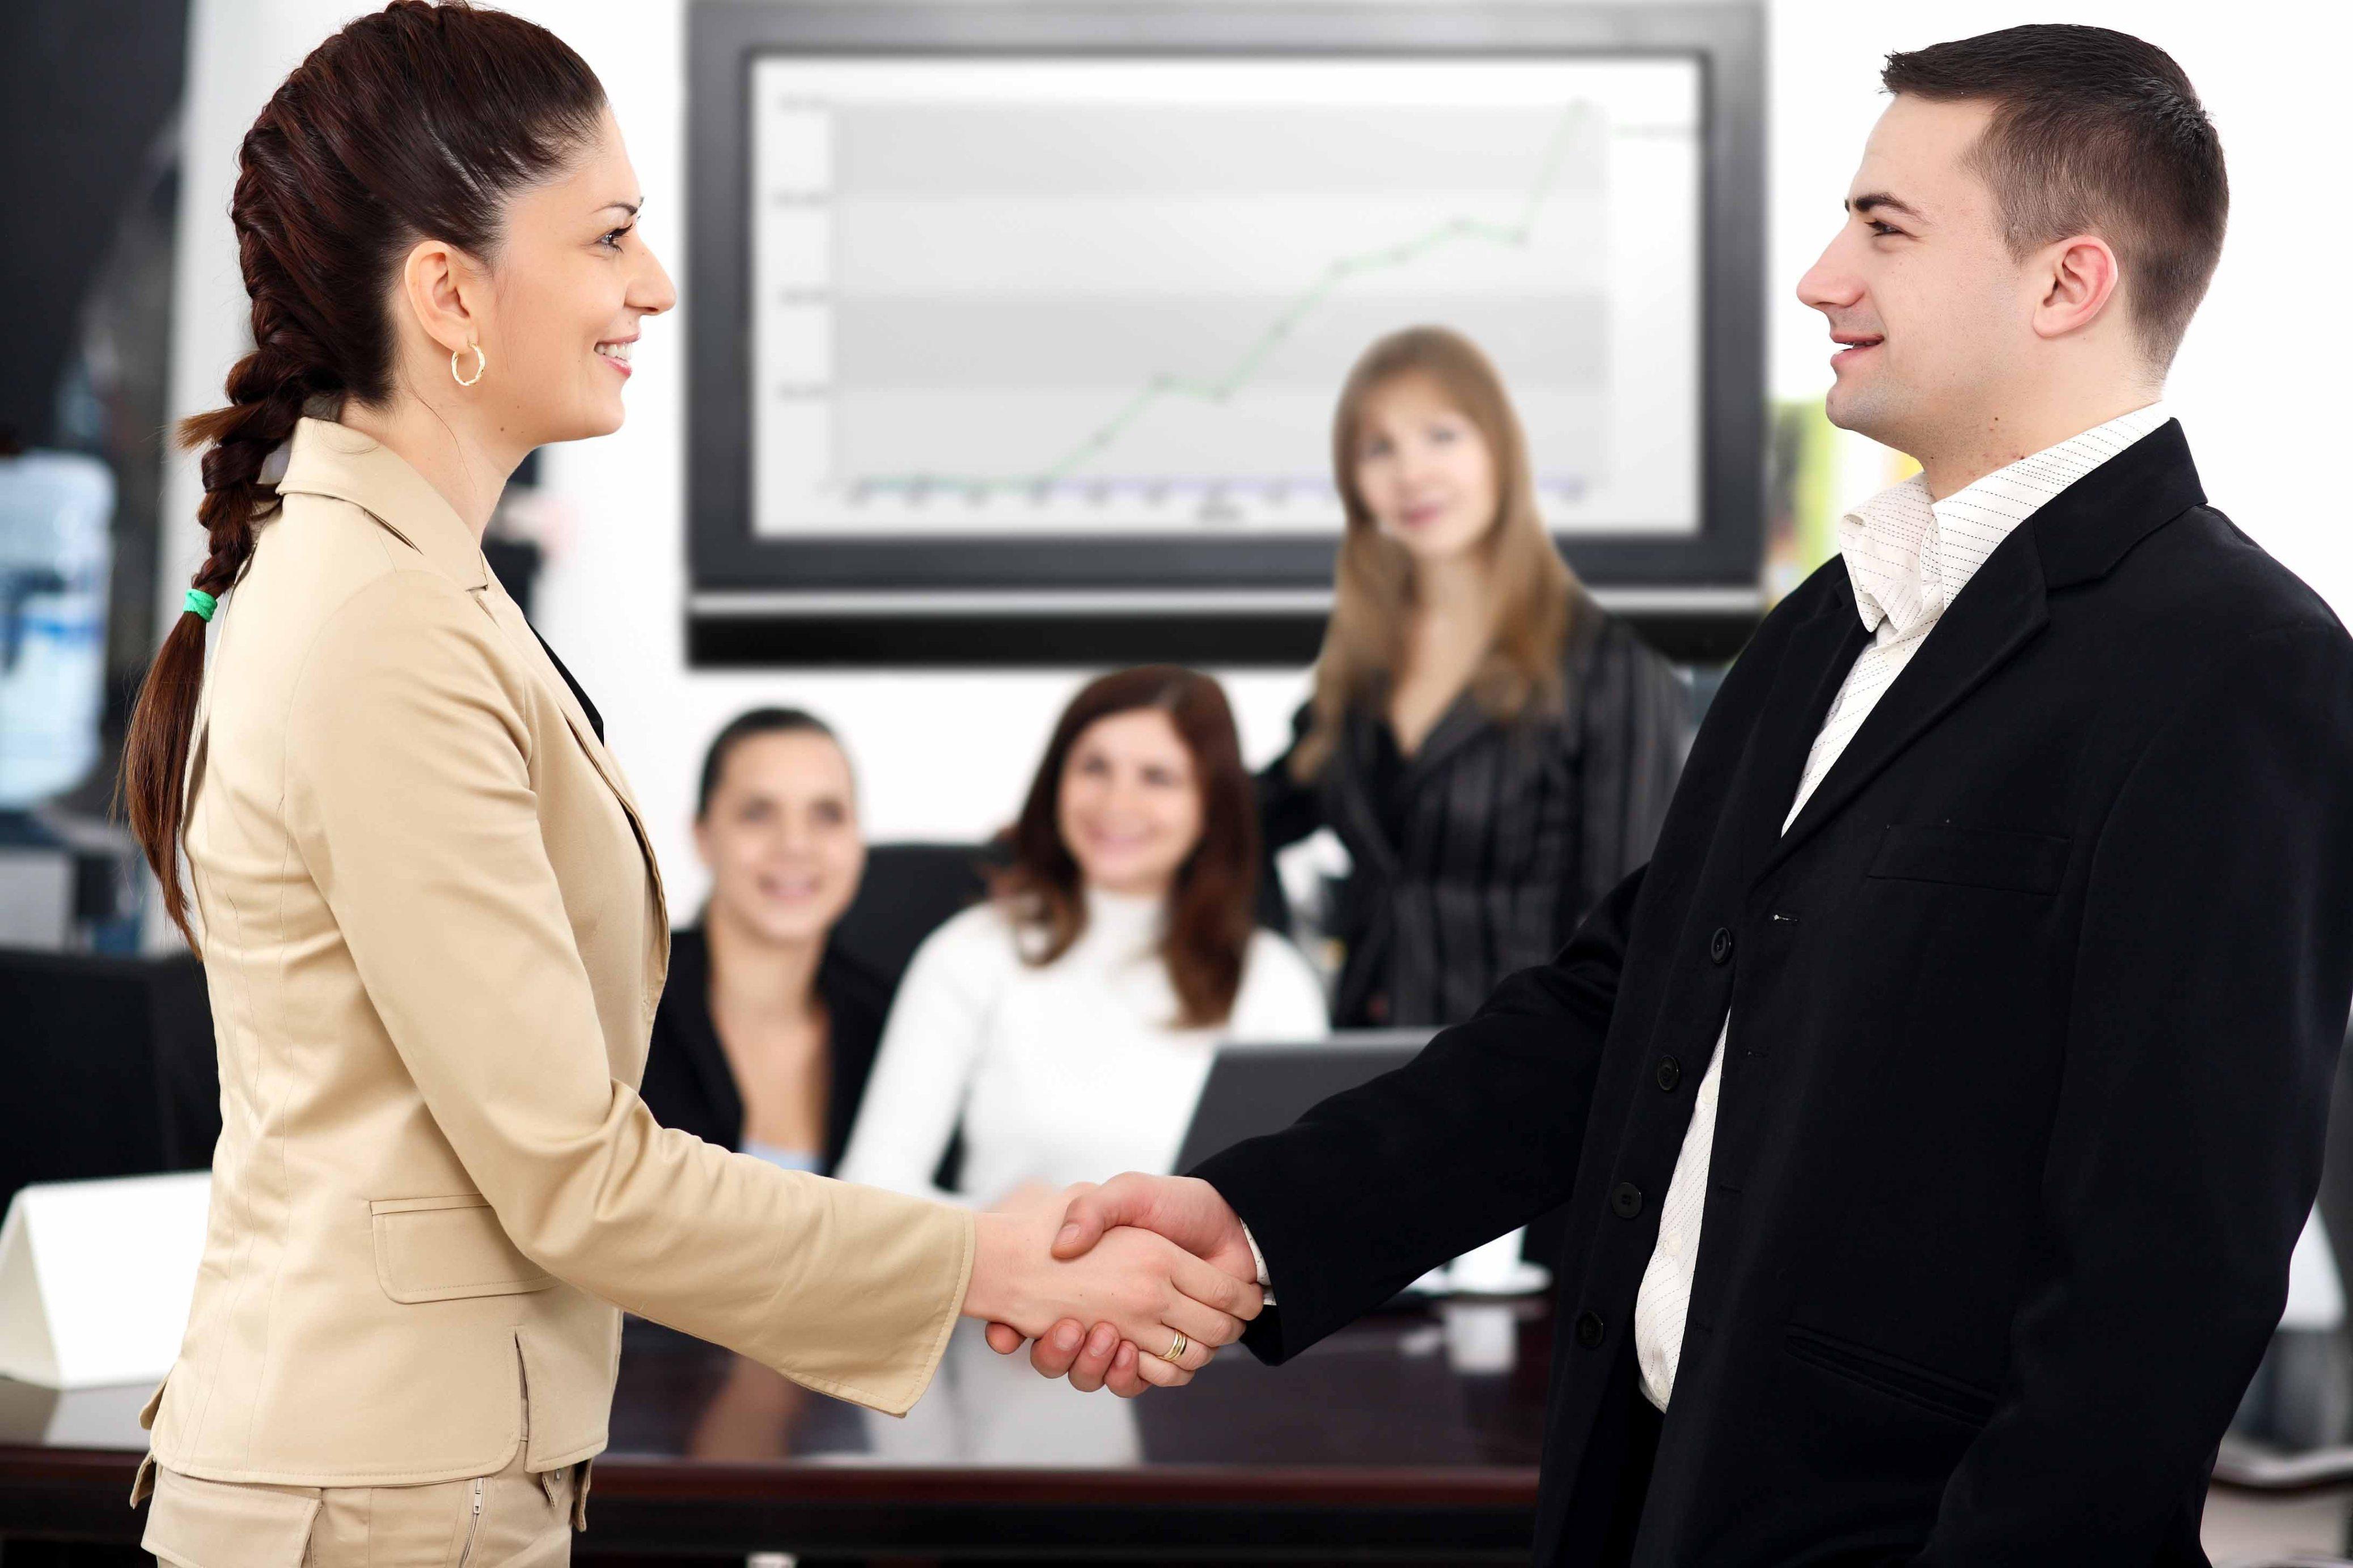 Собеседование - это способ проверки Ваших навыков и знаний, но не экзамен